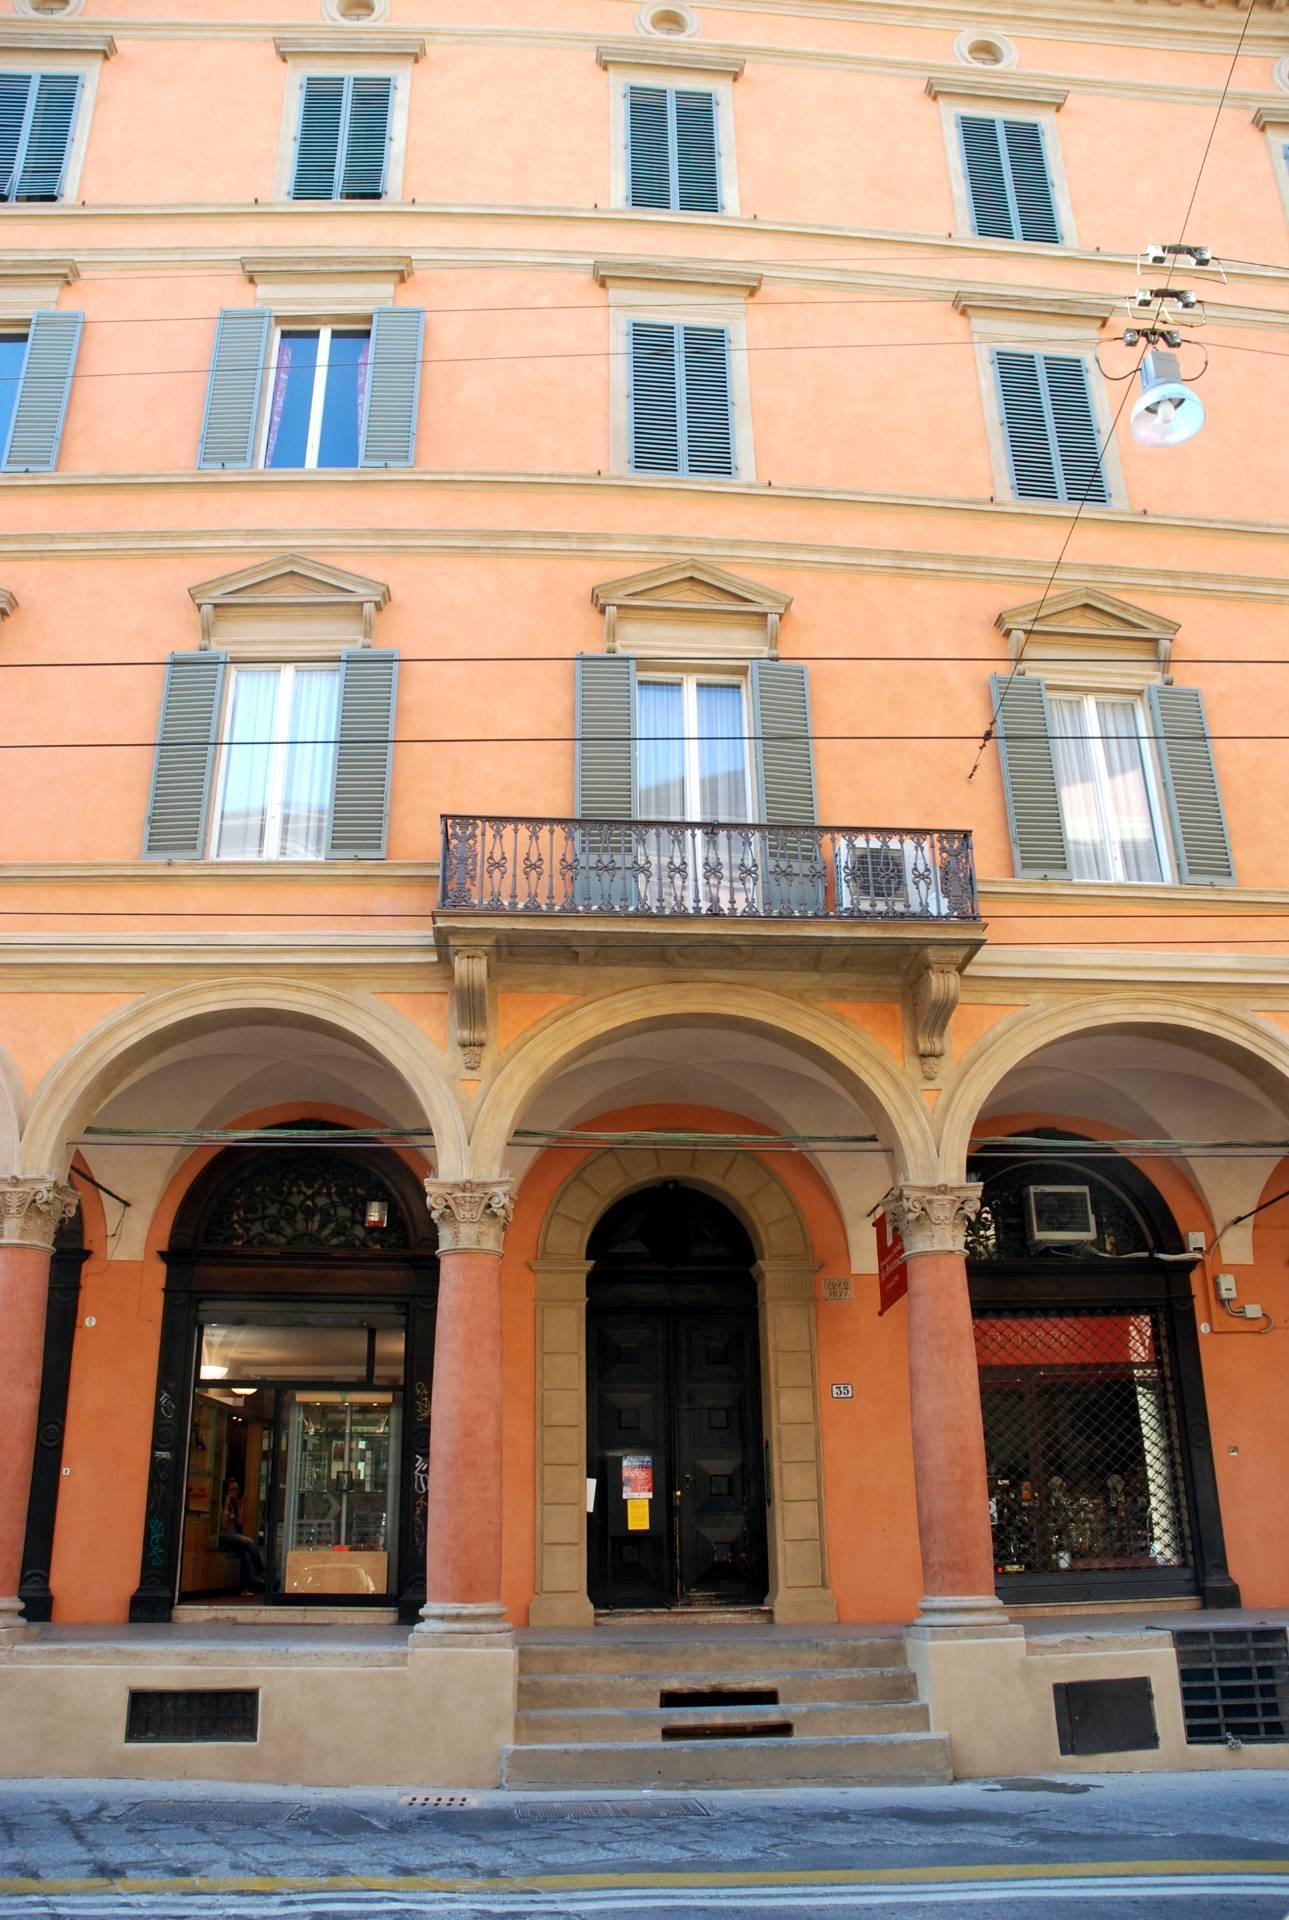 Consolidamento delle colonne e restauro della facciata di Palazzo Macchiavelli nel centro storico di Bologna - ITON SRL